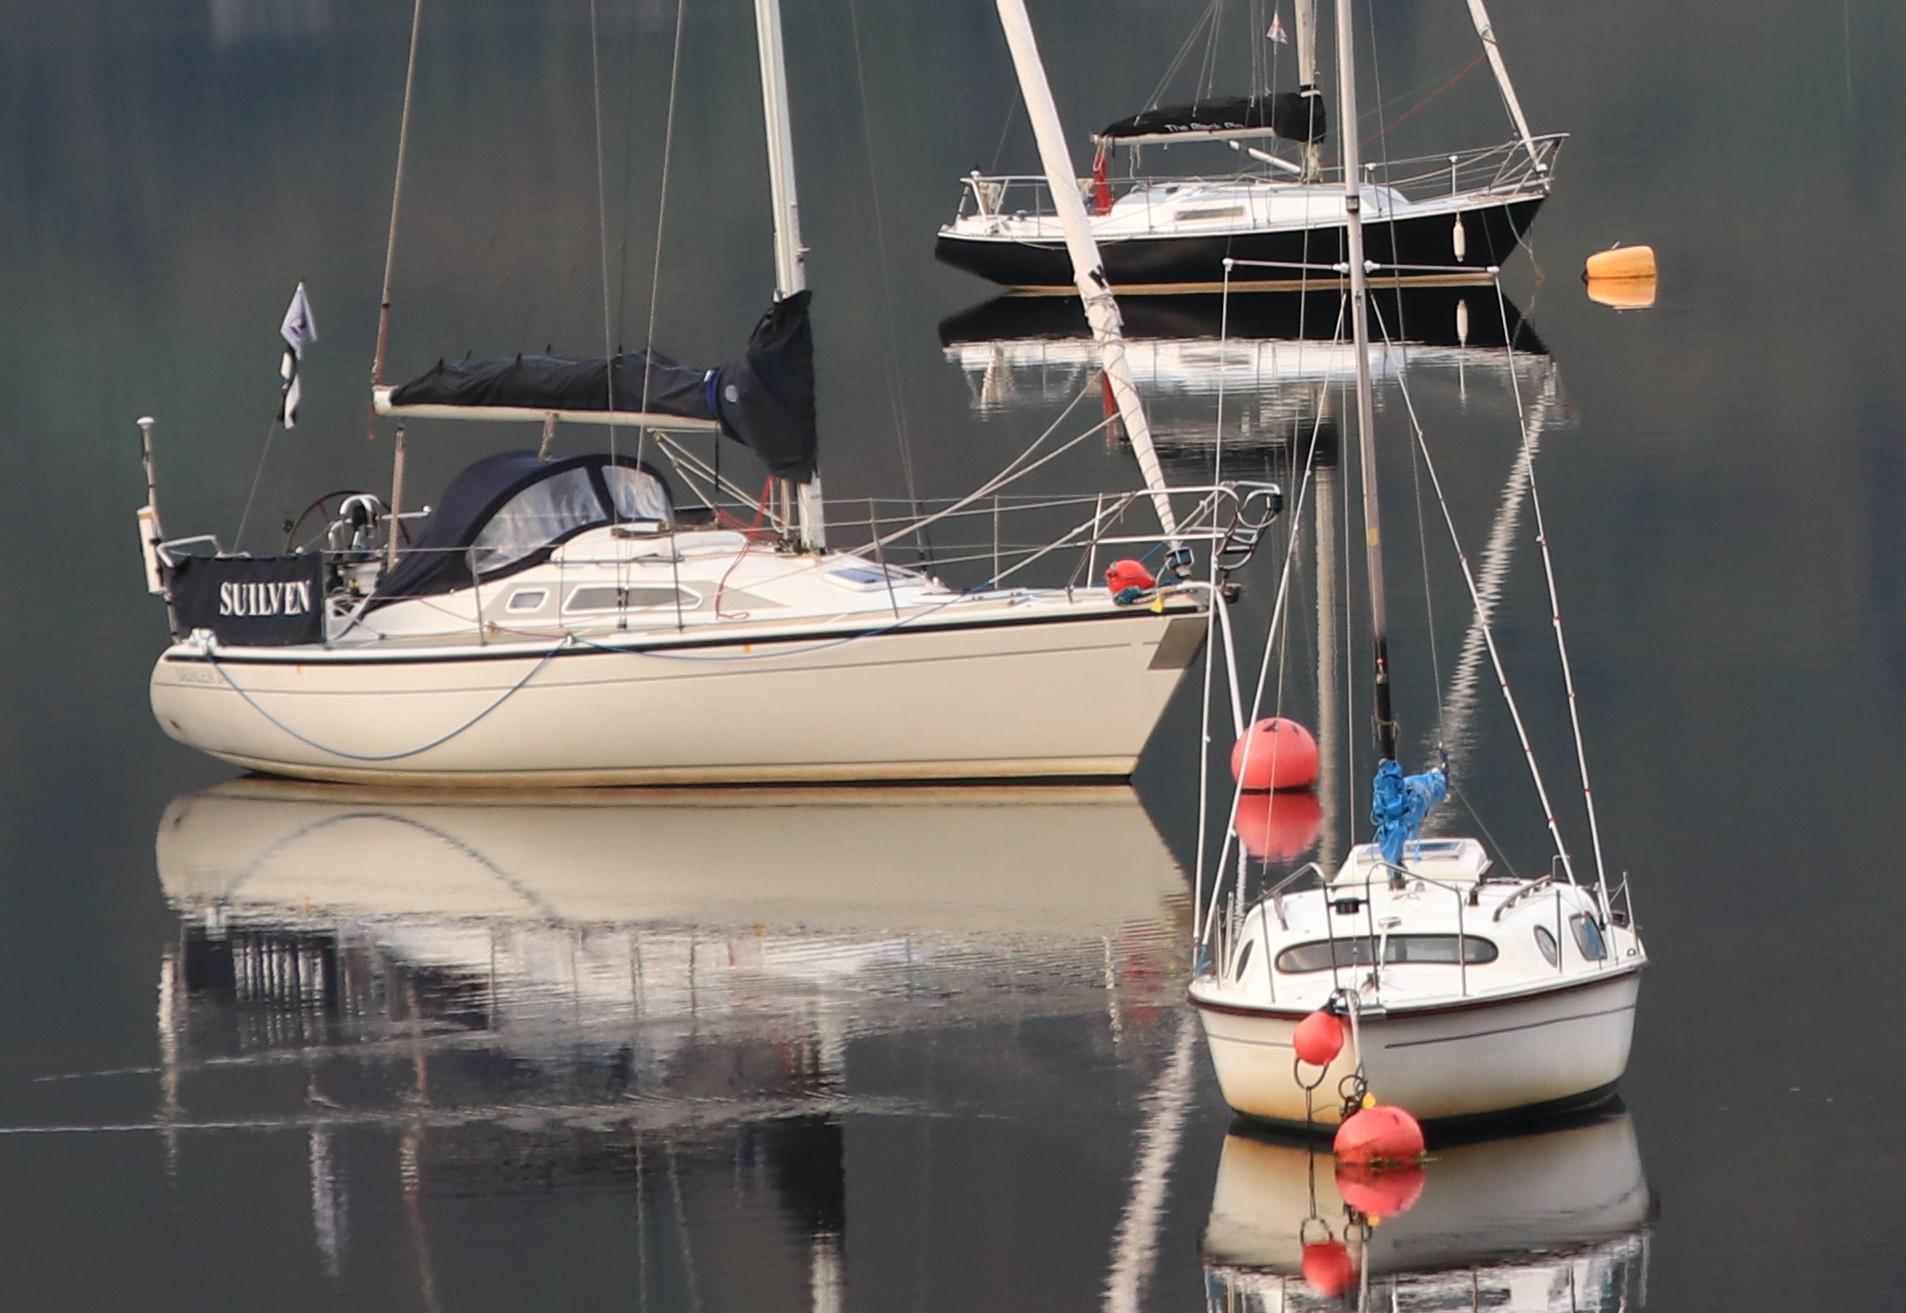 Glencoe sailboats tight